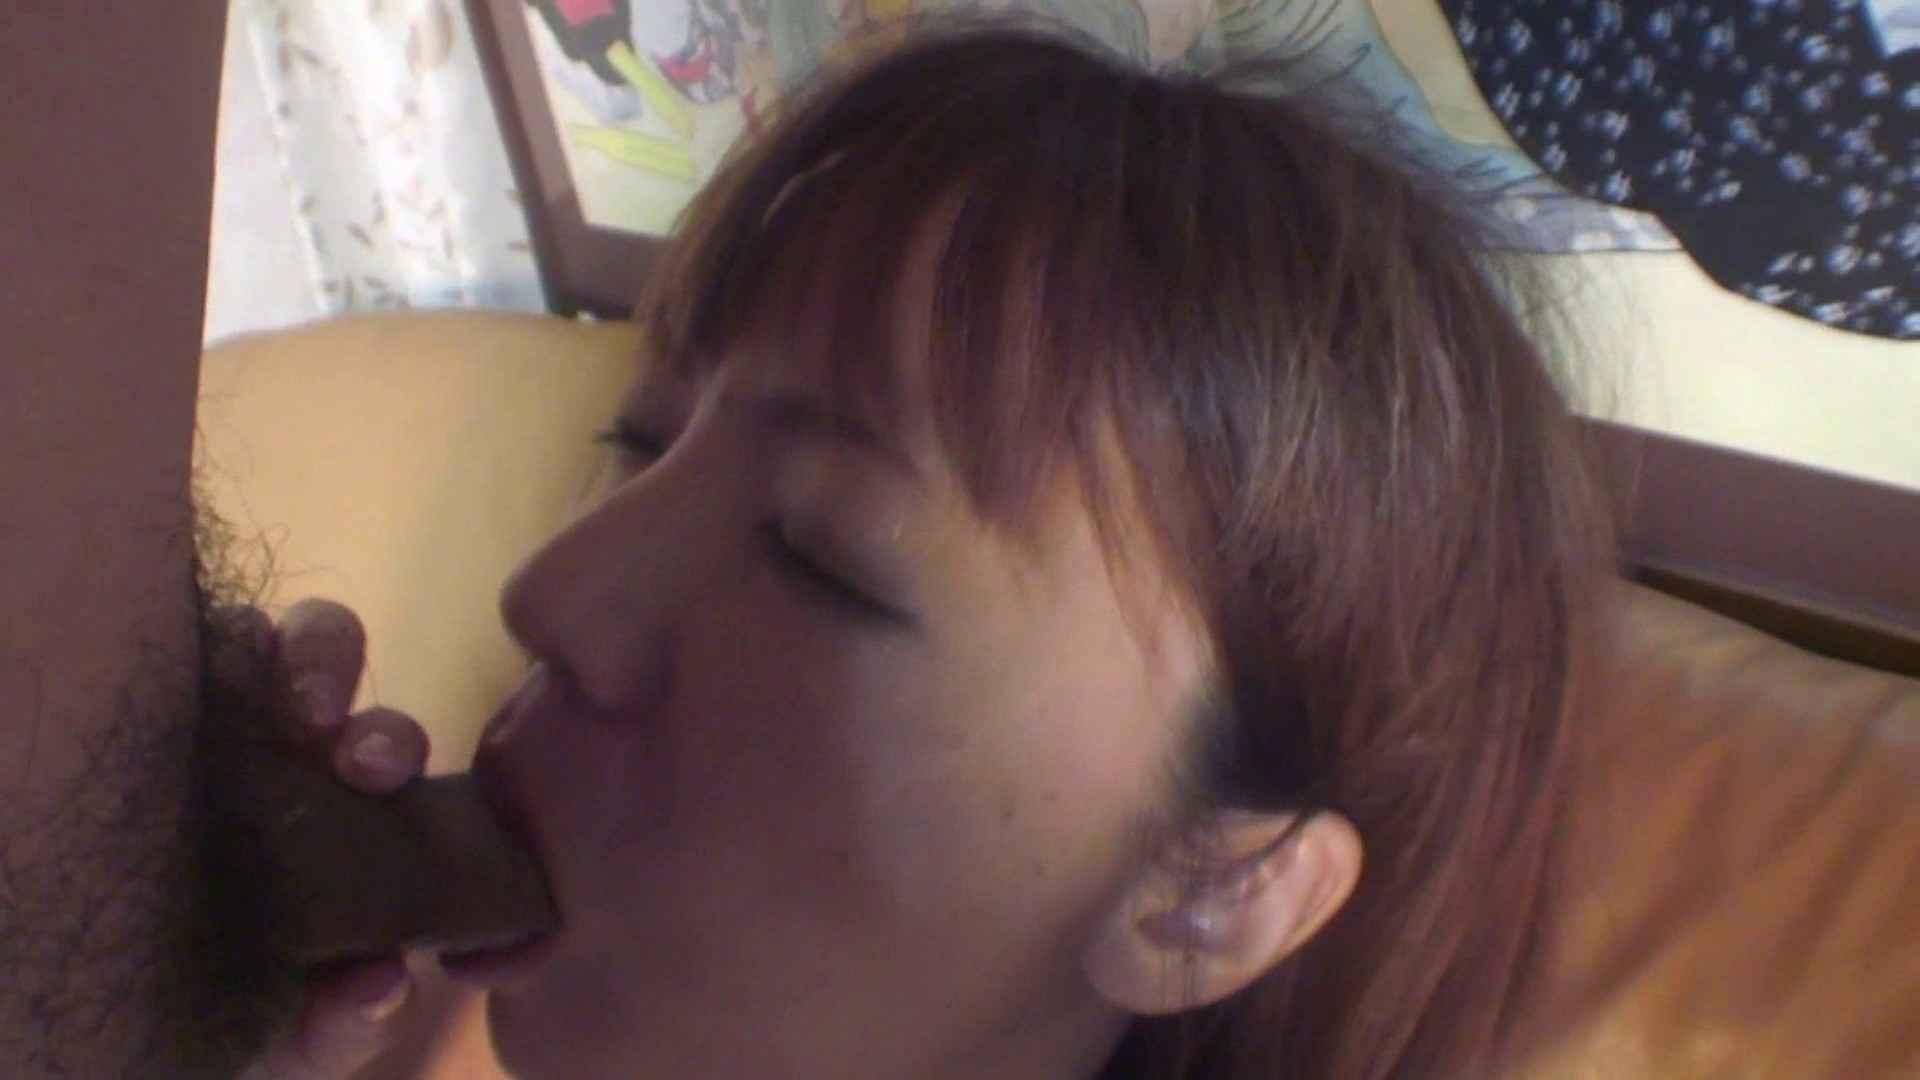 鬼才沖本監督 脱肛に悶絶する女 終章 アナル SEX無修正画像 96画像 5